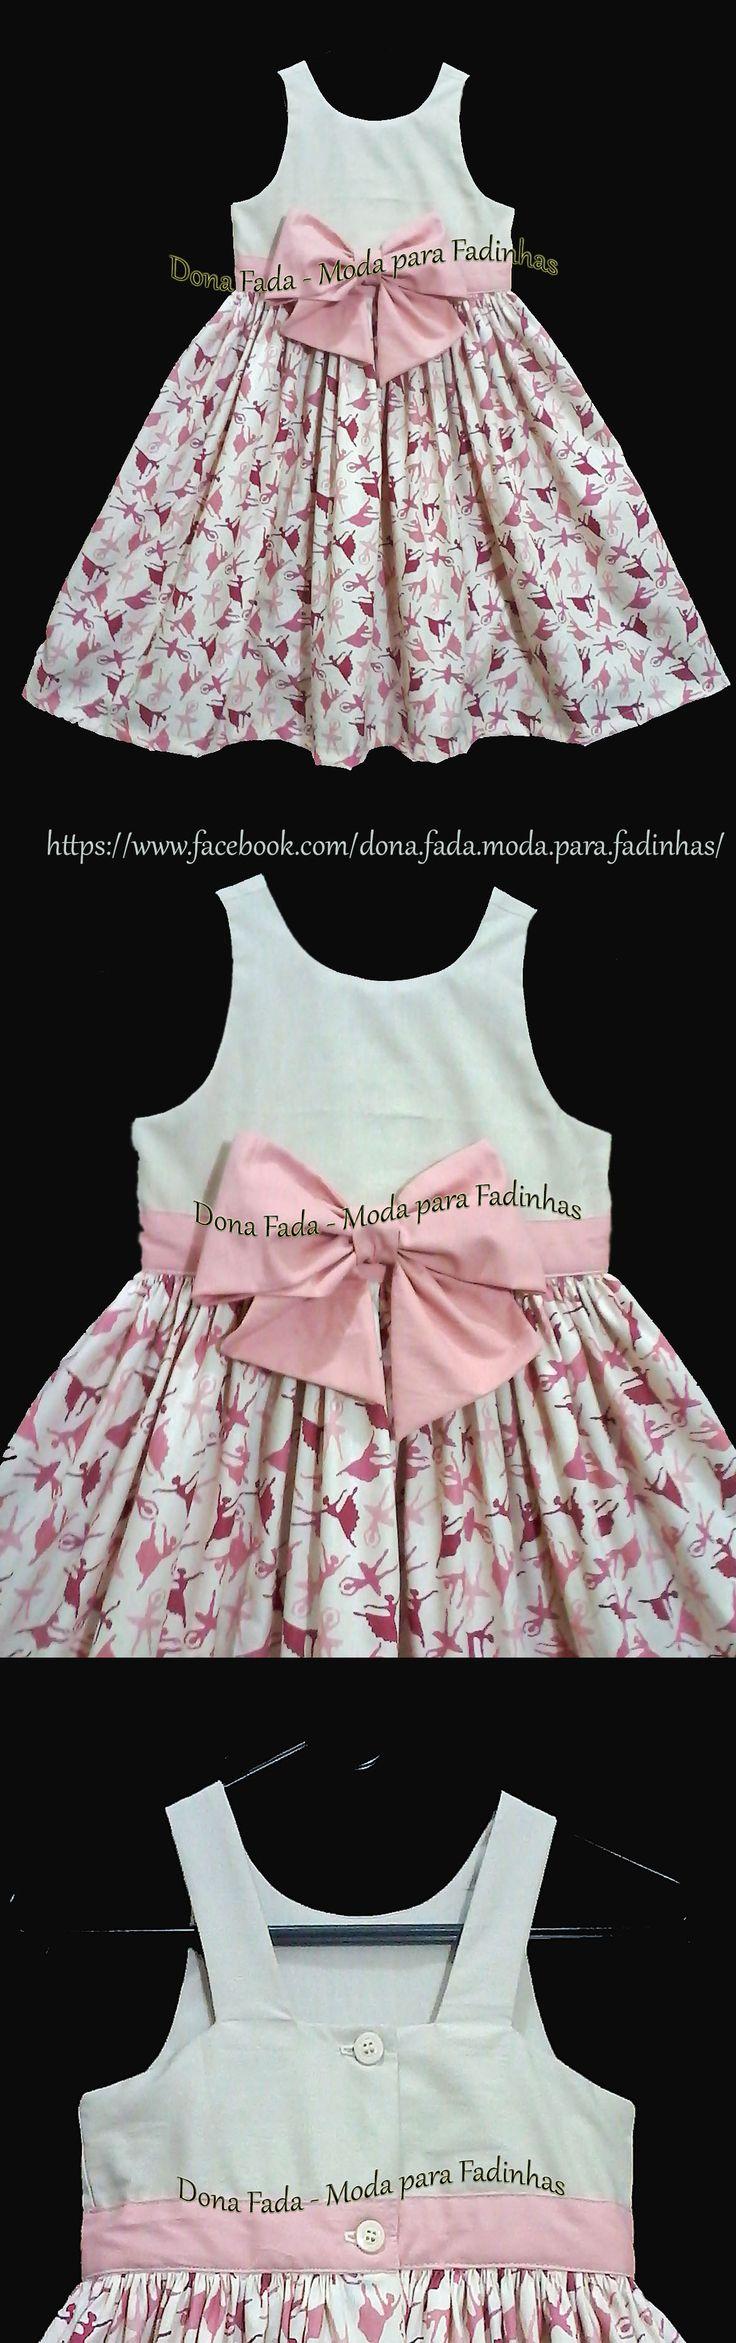 Vestido bailarinas 5 - 6 anos - - - - - baby - infant - toddler - kids - clothes for girls - - - https://www.facebook.com/dona.fada.moda.para.fadinhas/